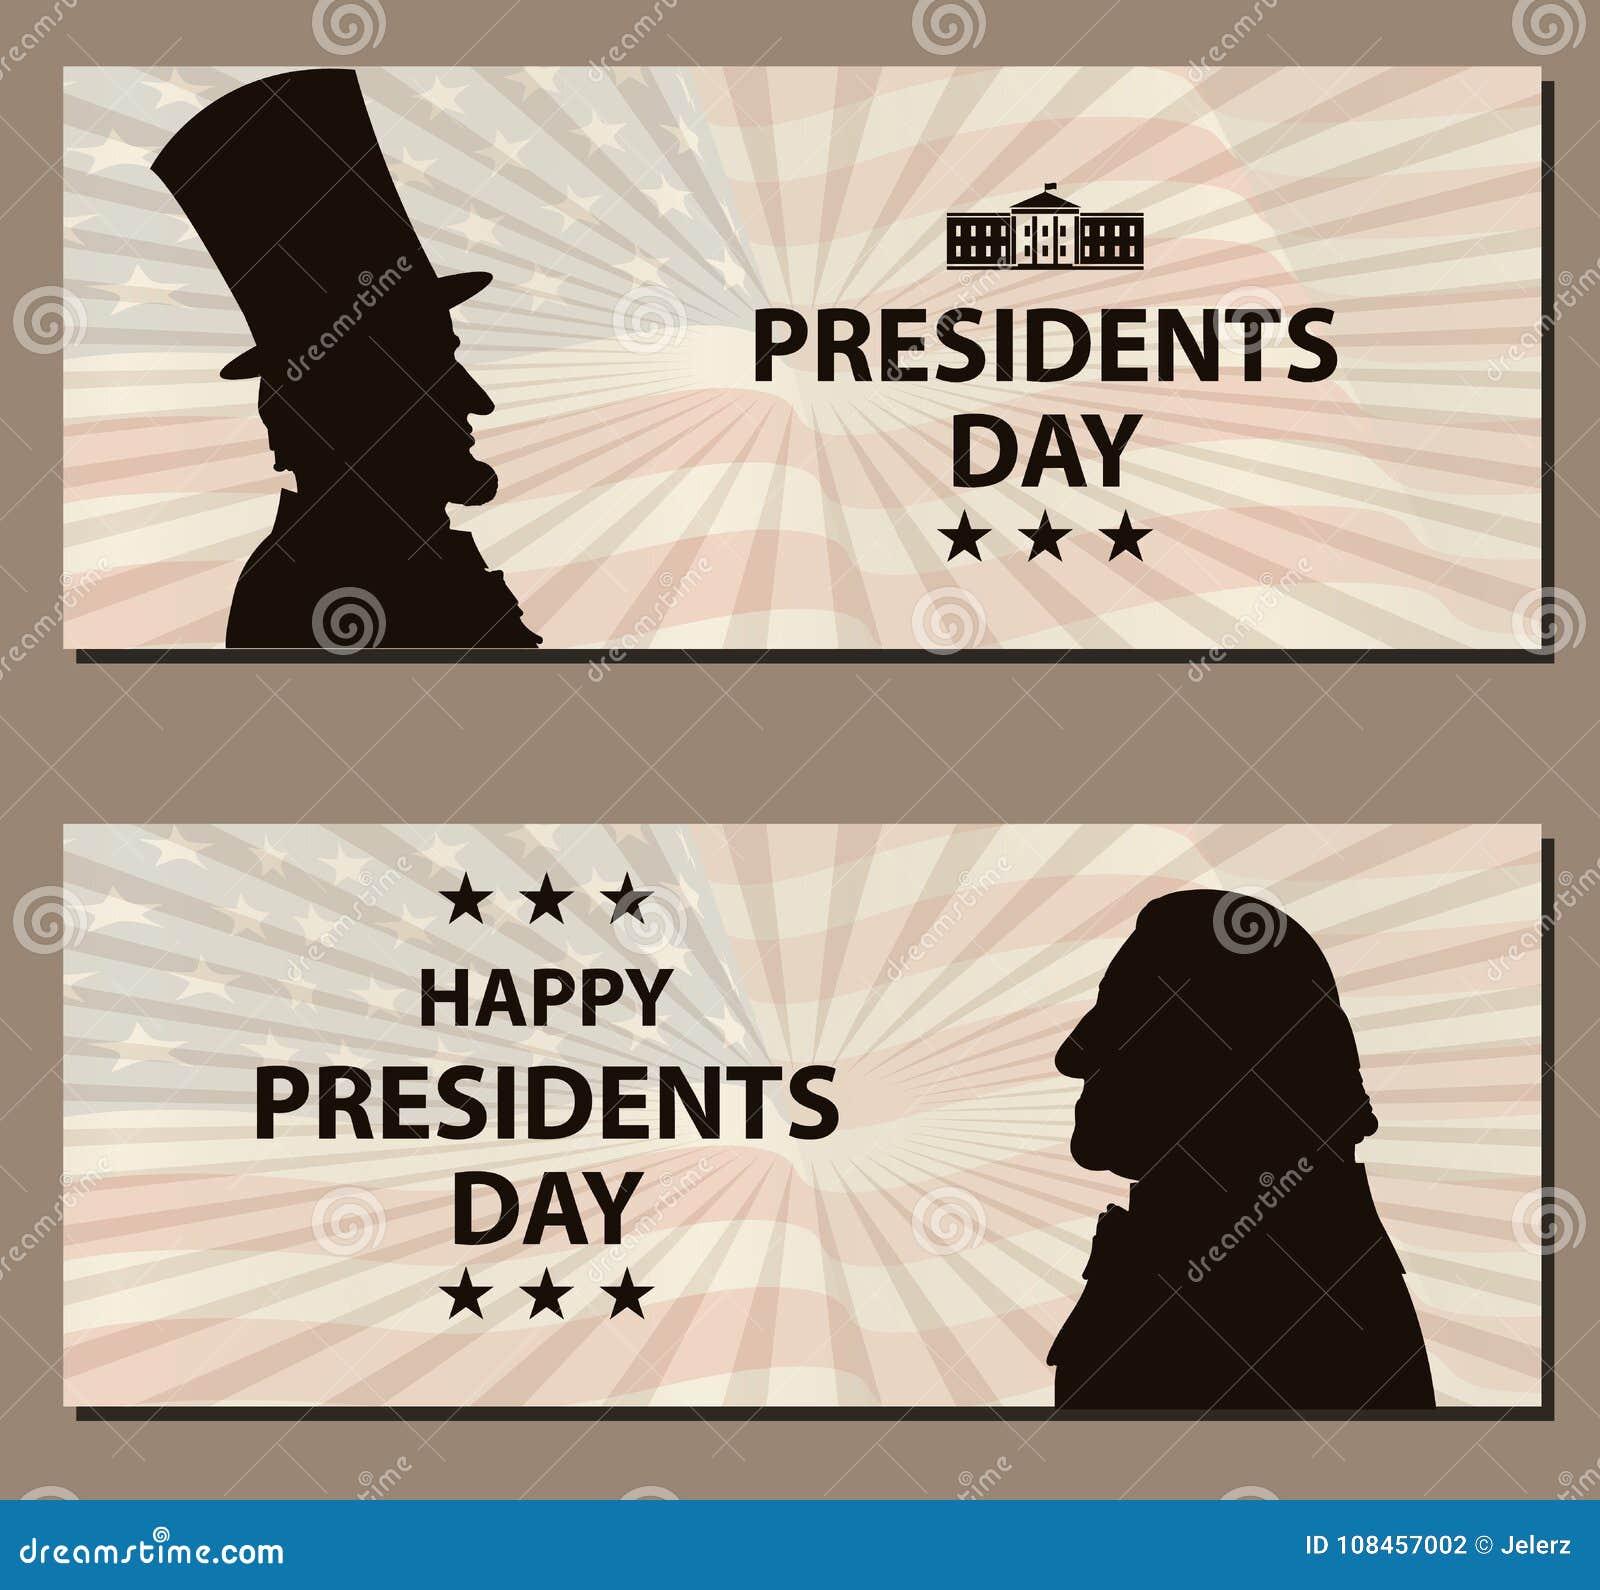 Ευτυχές έμβλημα Προέδρων Day Vintage George Washington και σκιαγραφίες του Abraham Lincoln με τη σημαία ως υπόβαθρο